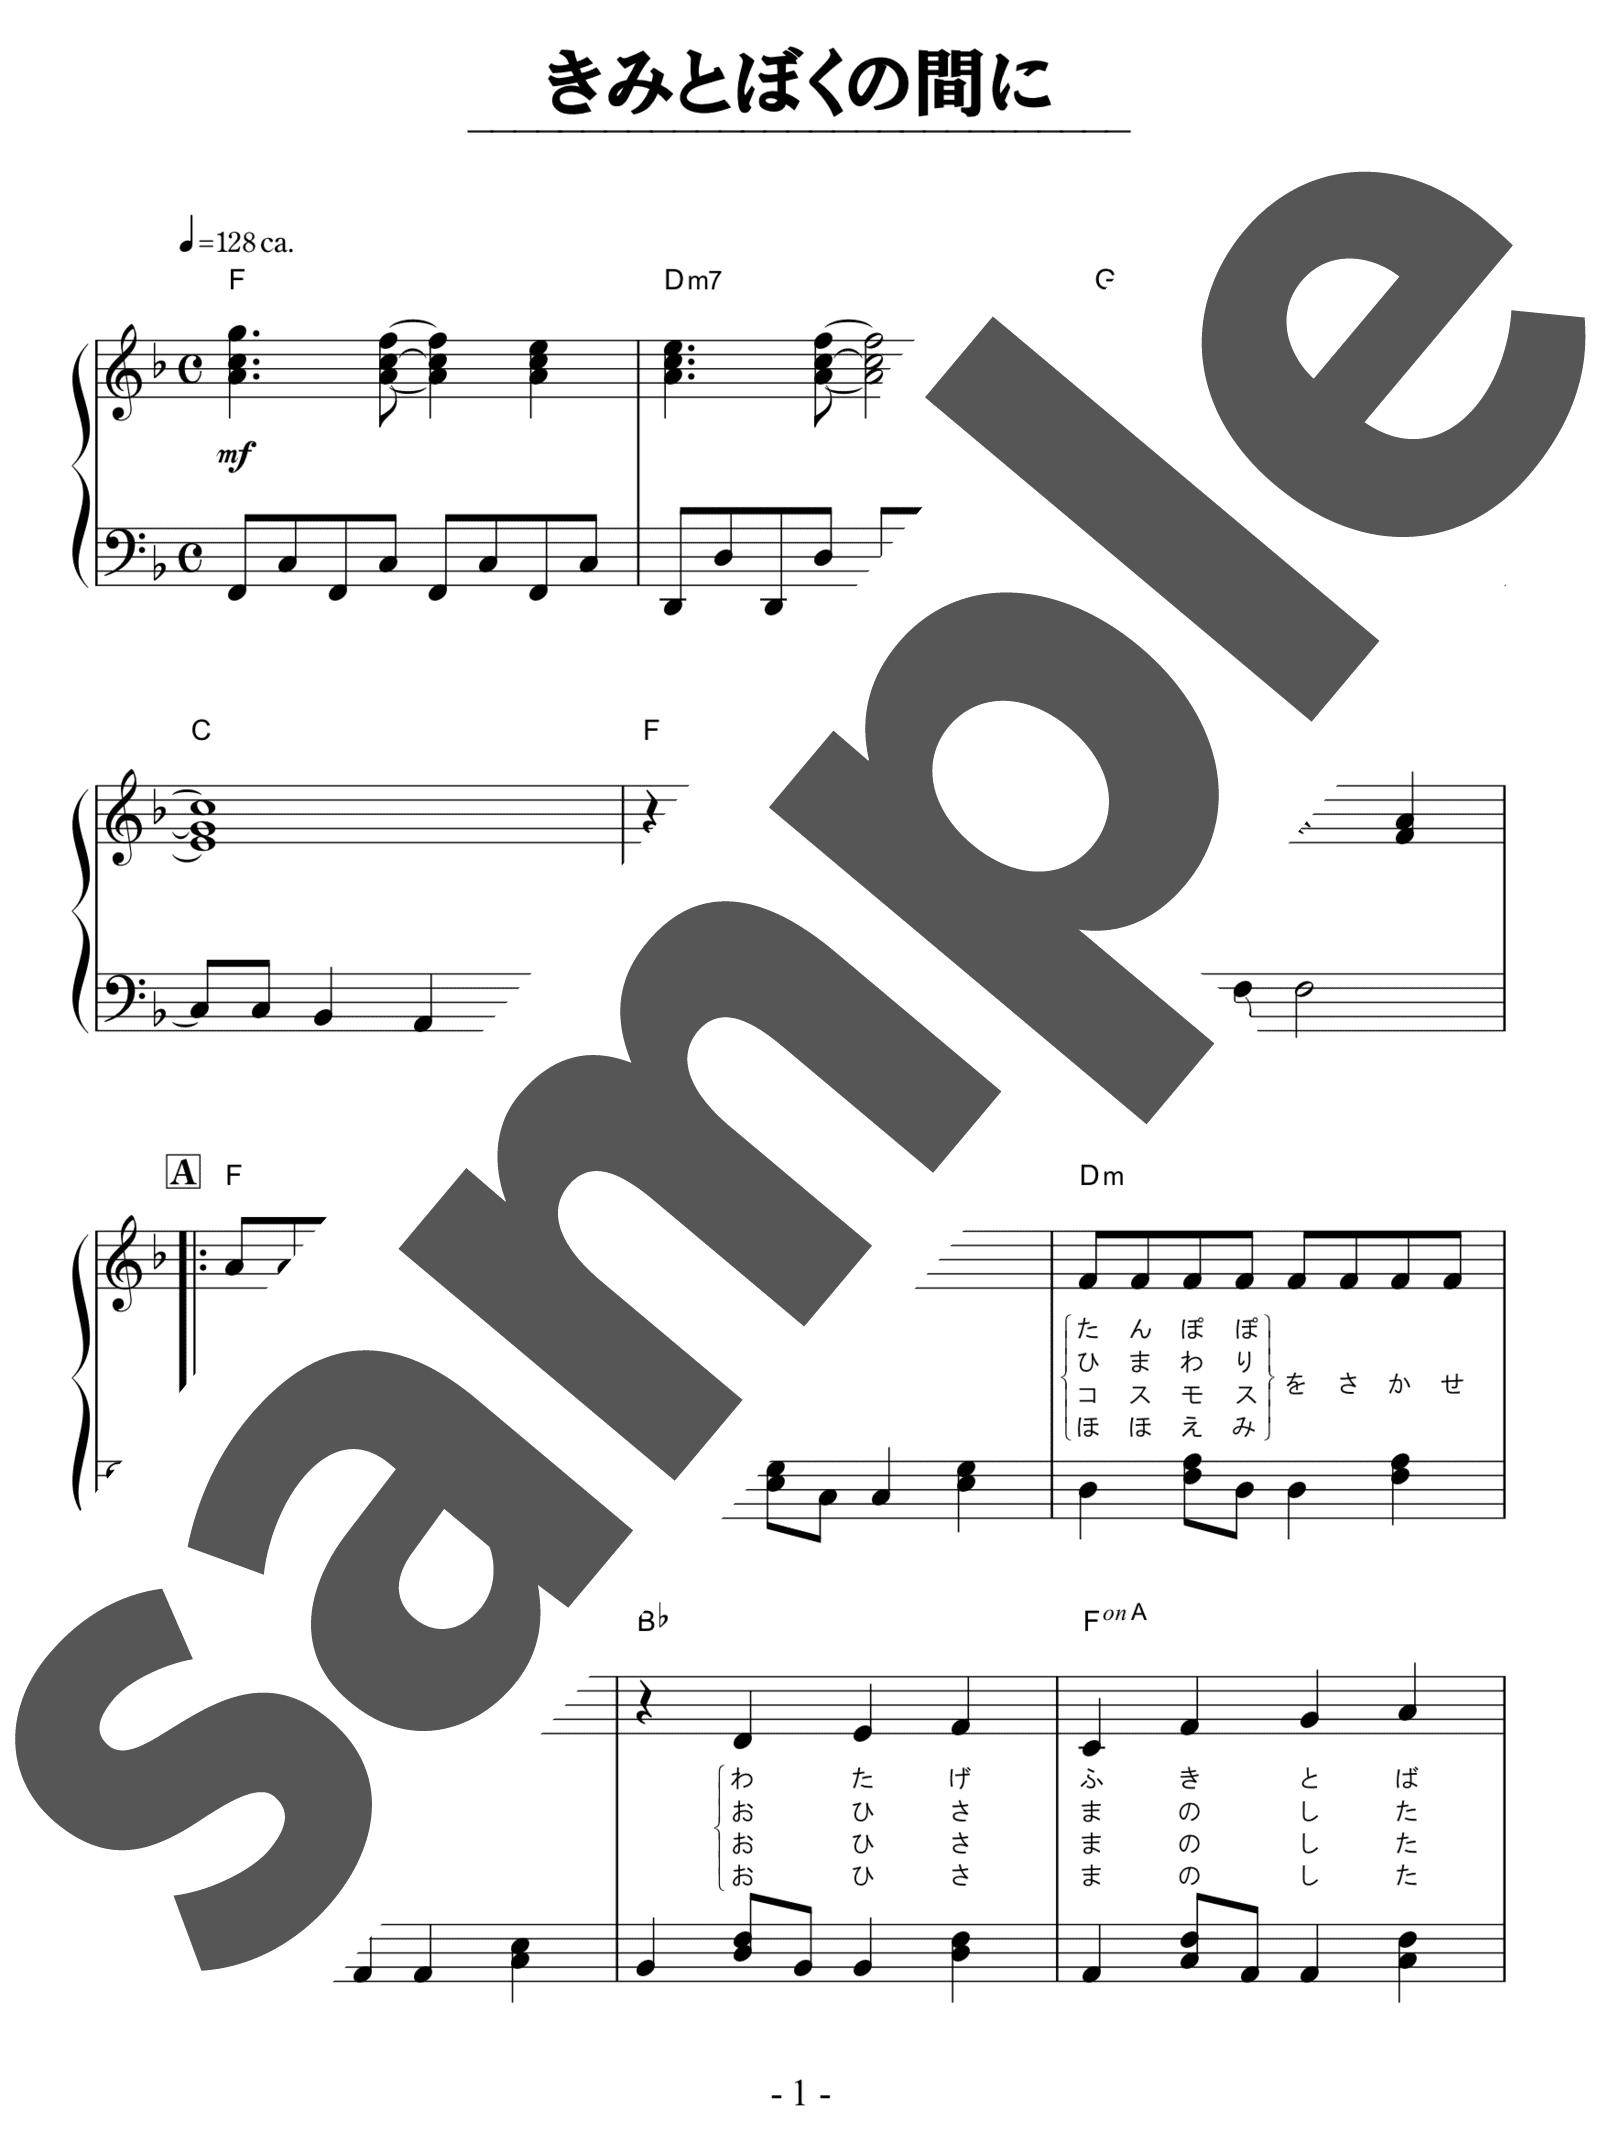 「きみとぼくの間に」のサンプル楽譜